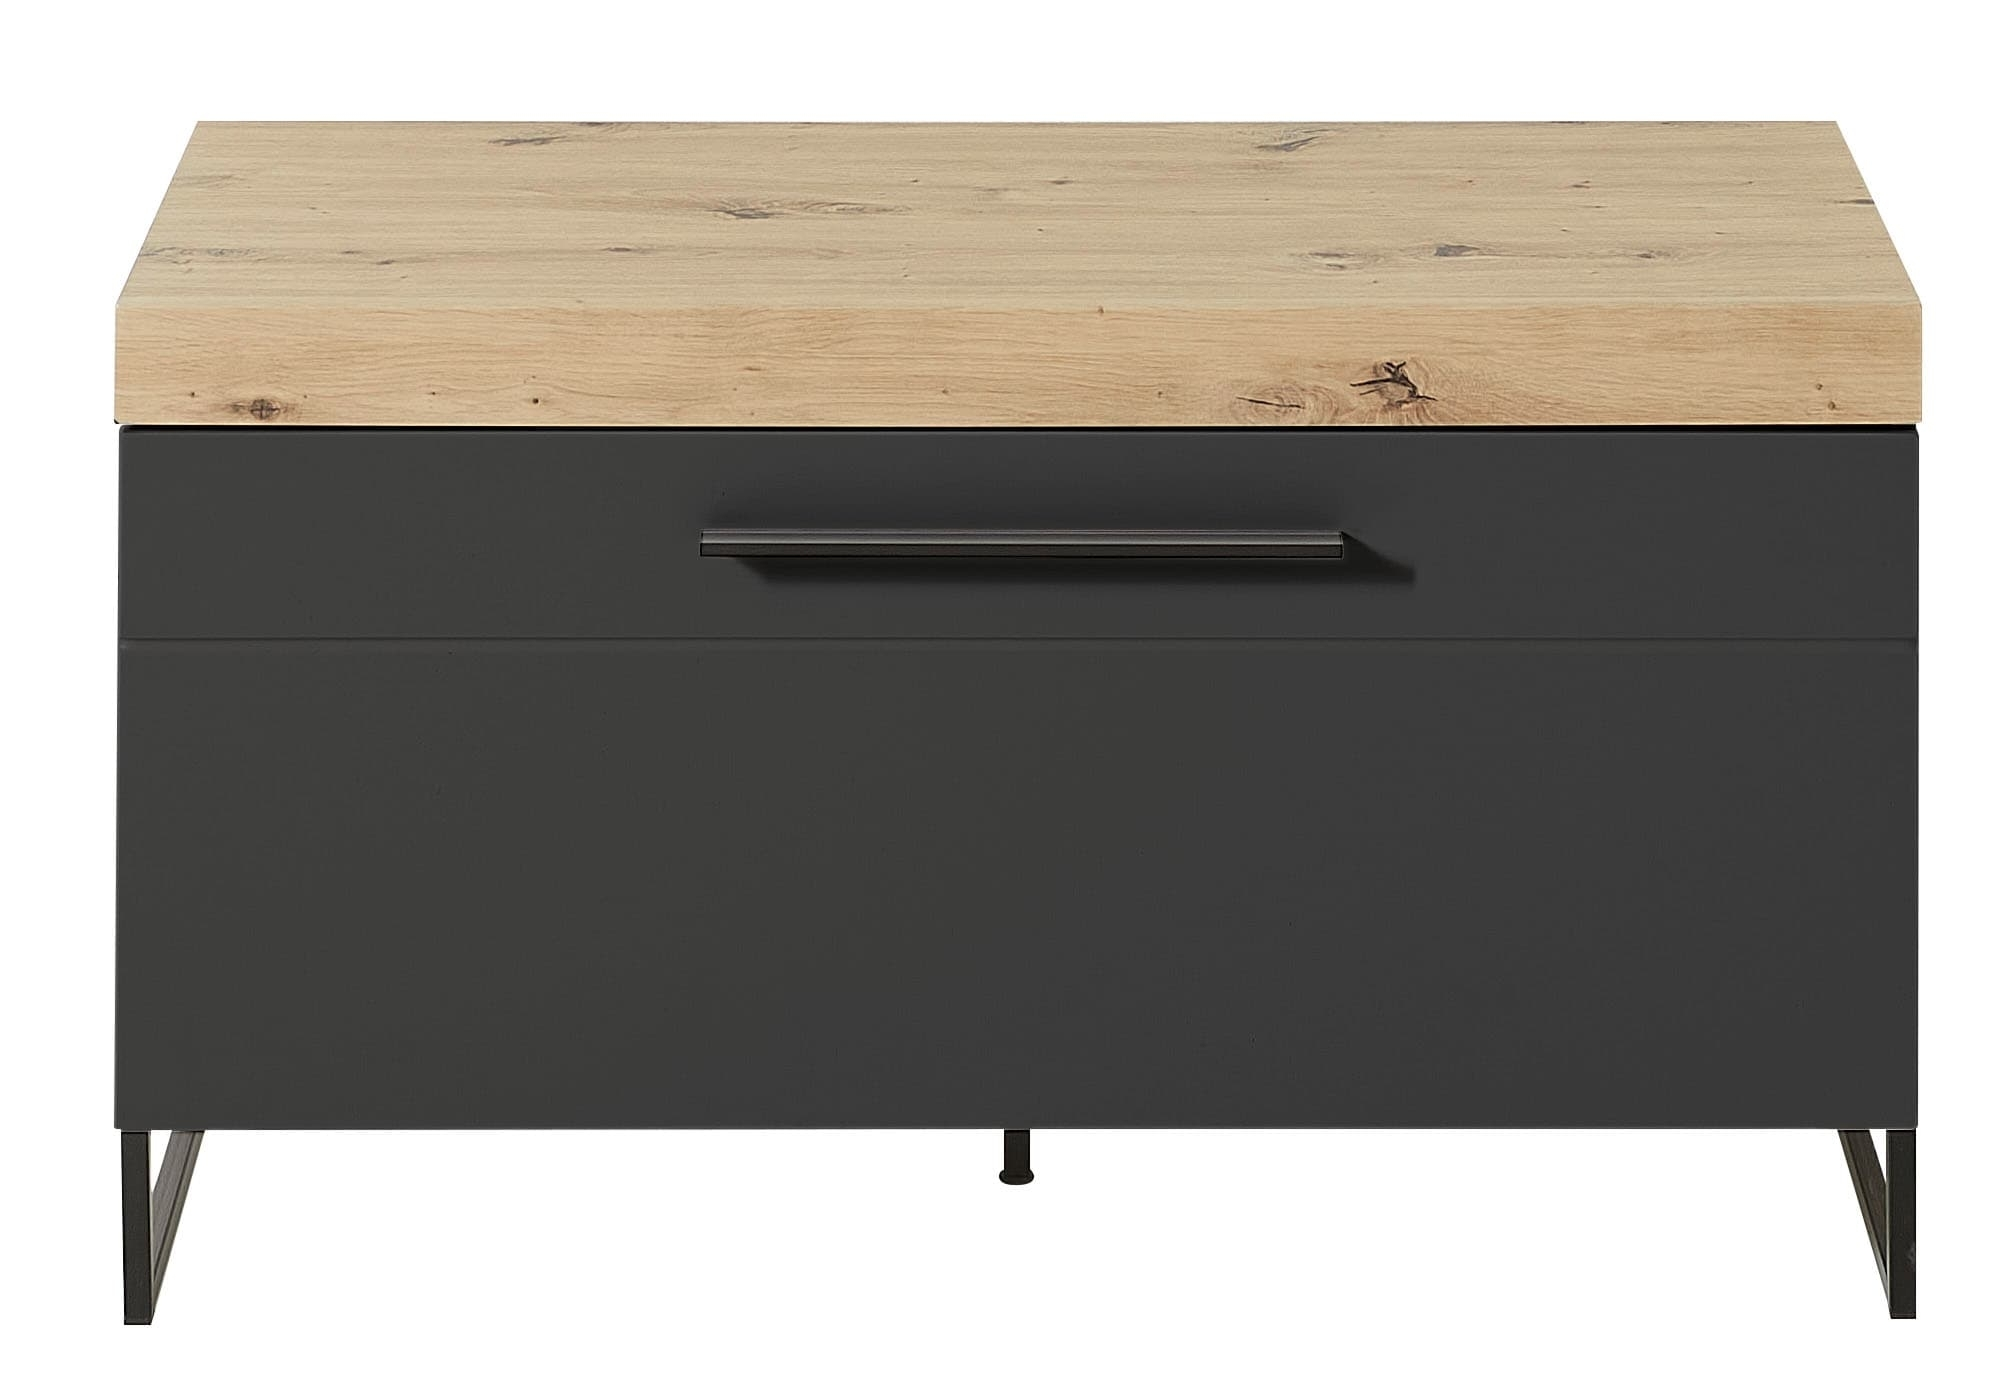 Cabinet din MDF cu 1 usa Loftis Grafit / Stejar, l96xA44xH55 cm imagine